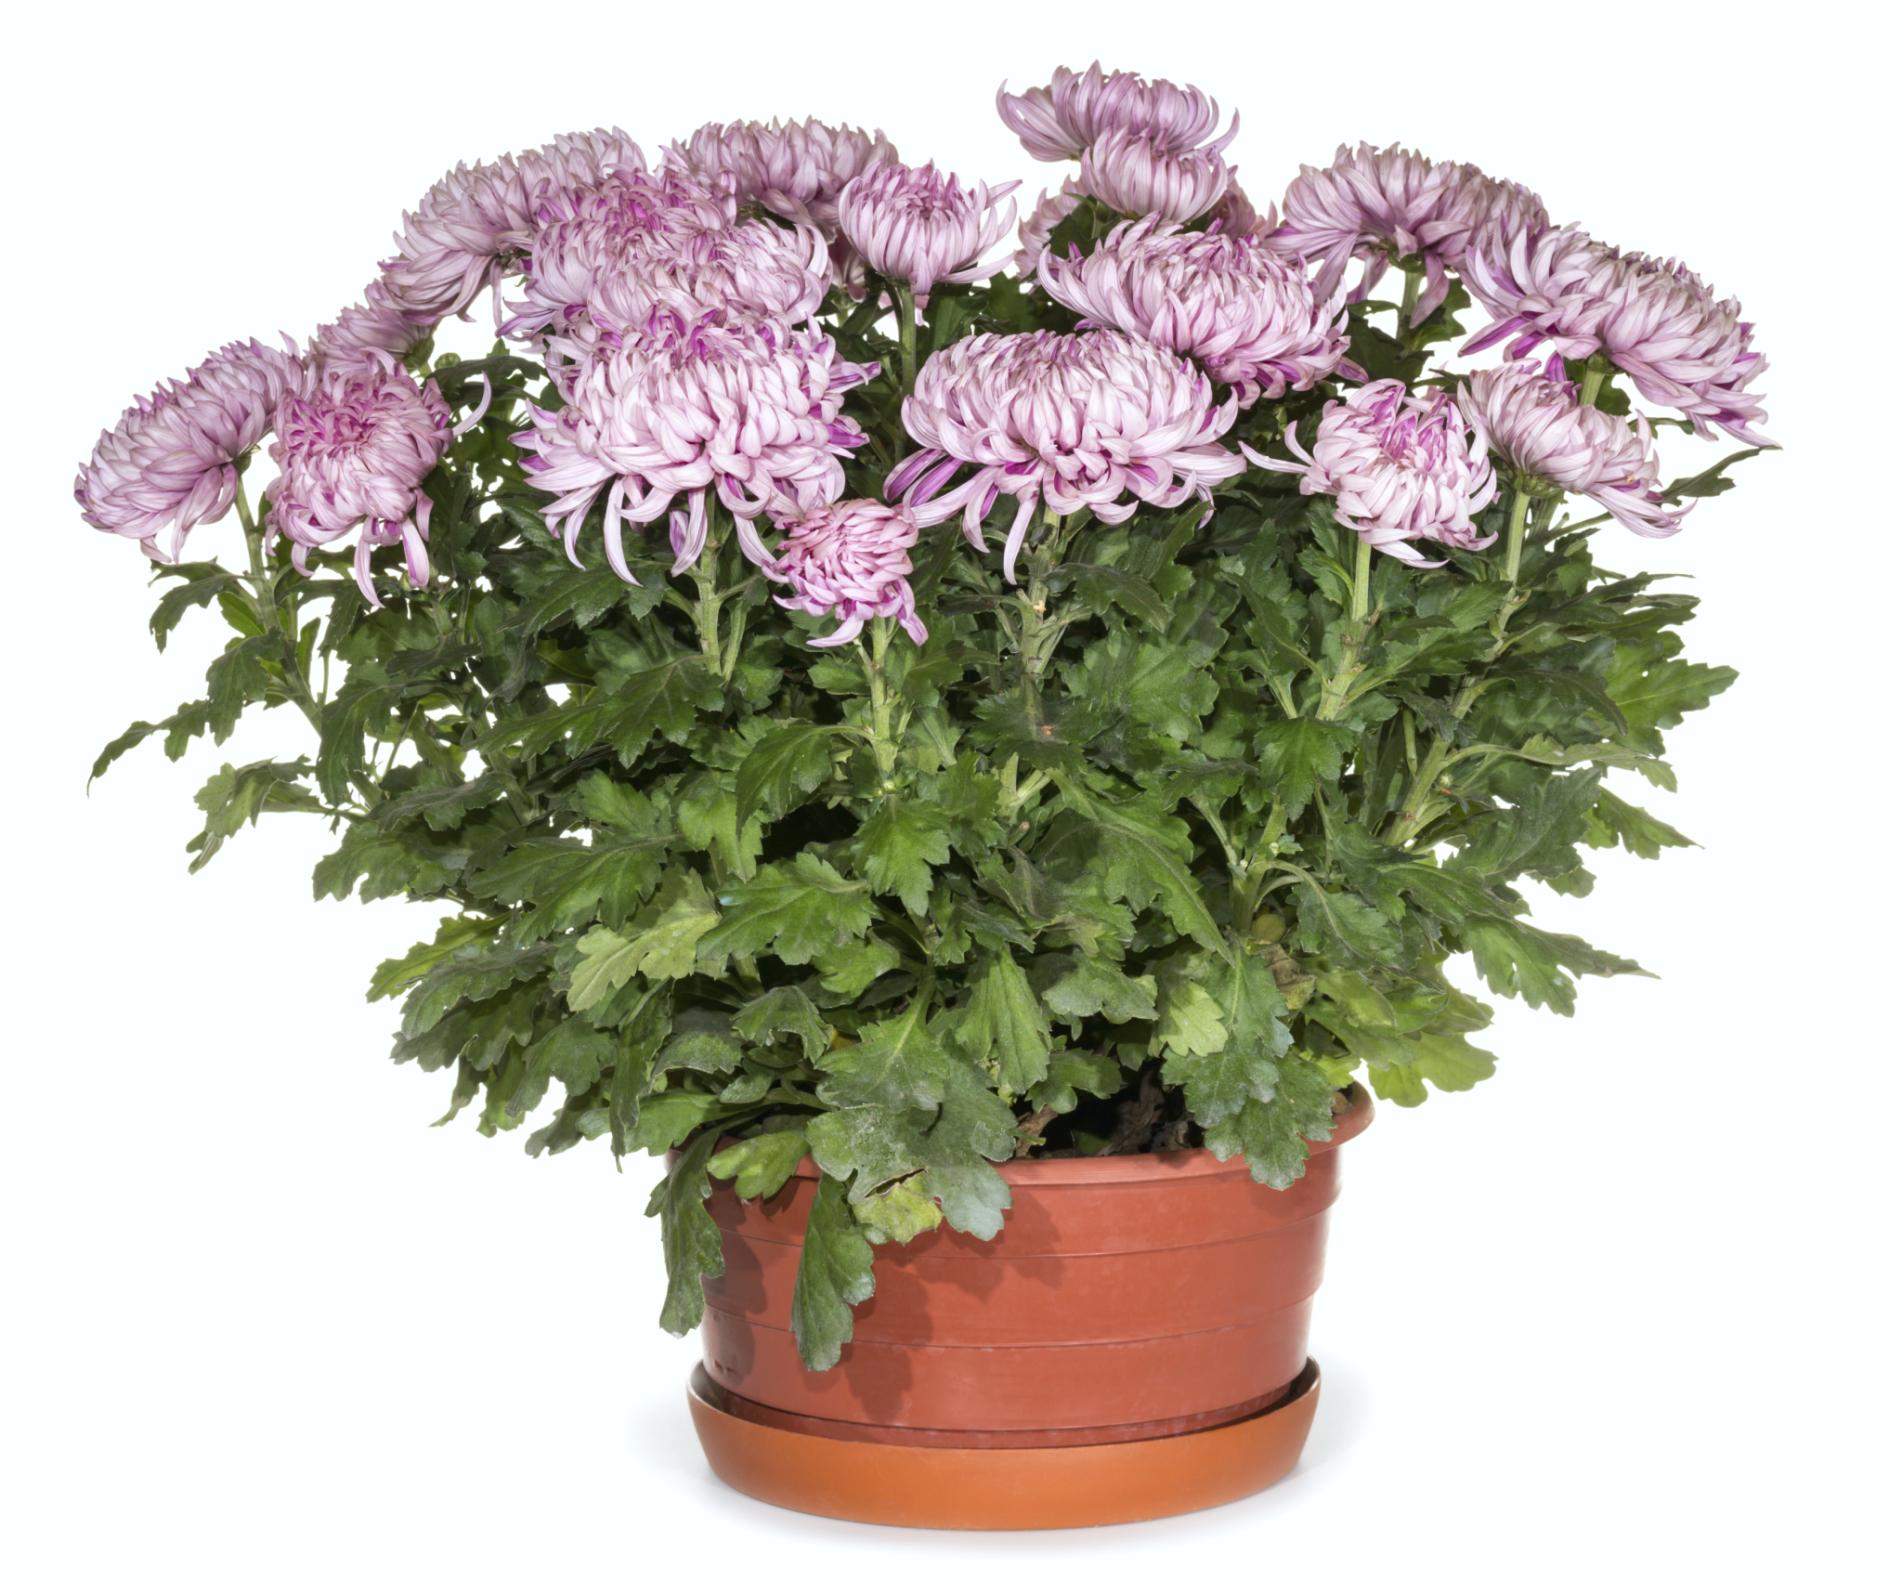 Хризантема. Уход за цветком в домашних условиях, фото 71